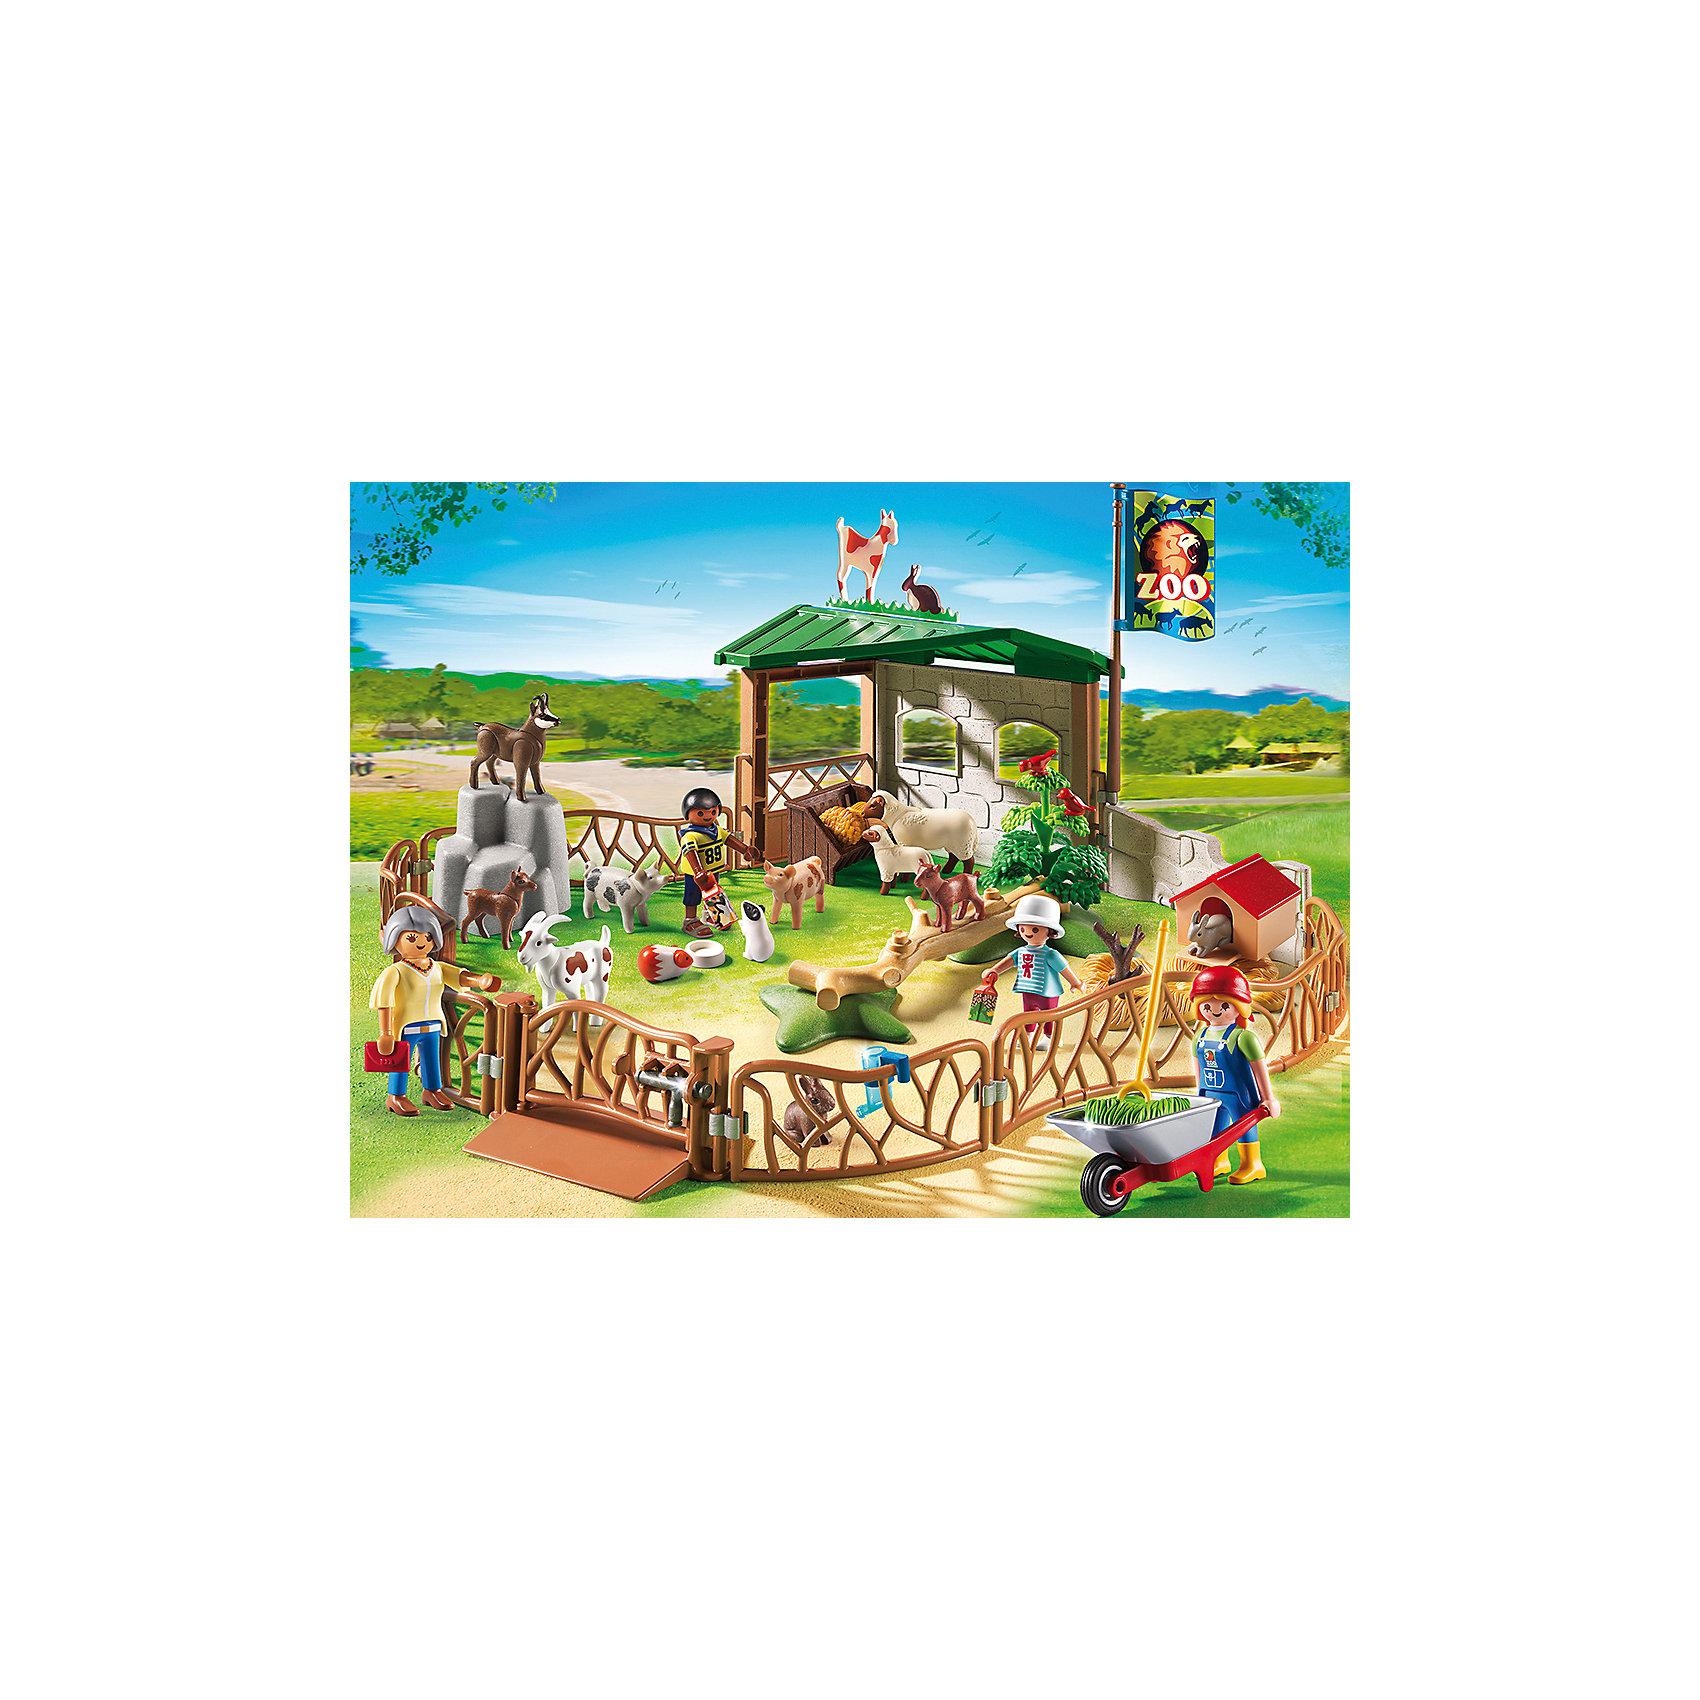 PLAYMOBIL® Детский контактный зоопарк, PLAYMOBIL фигурки игрушки playmobil зоопарк стая фламинго